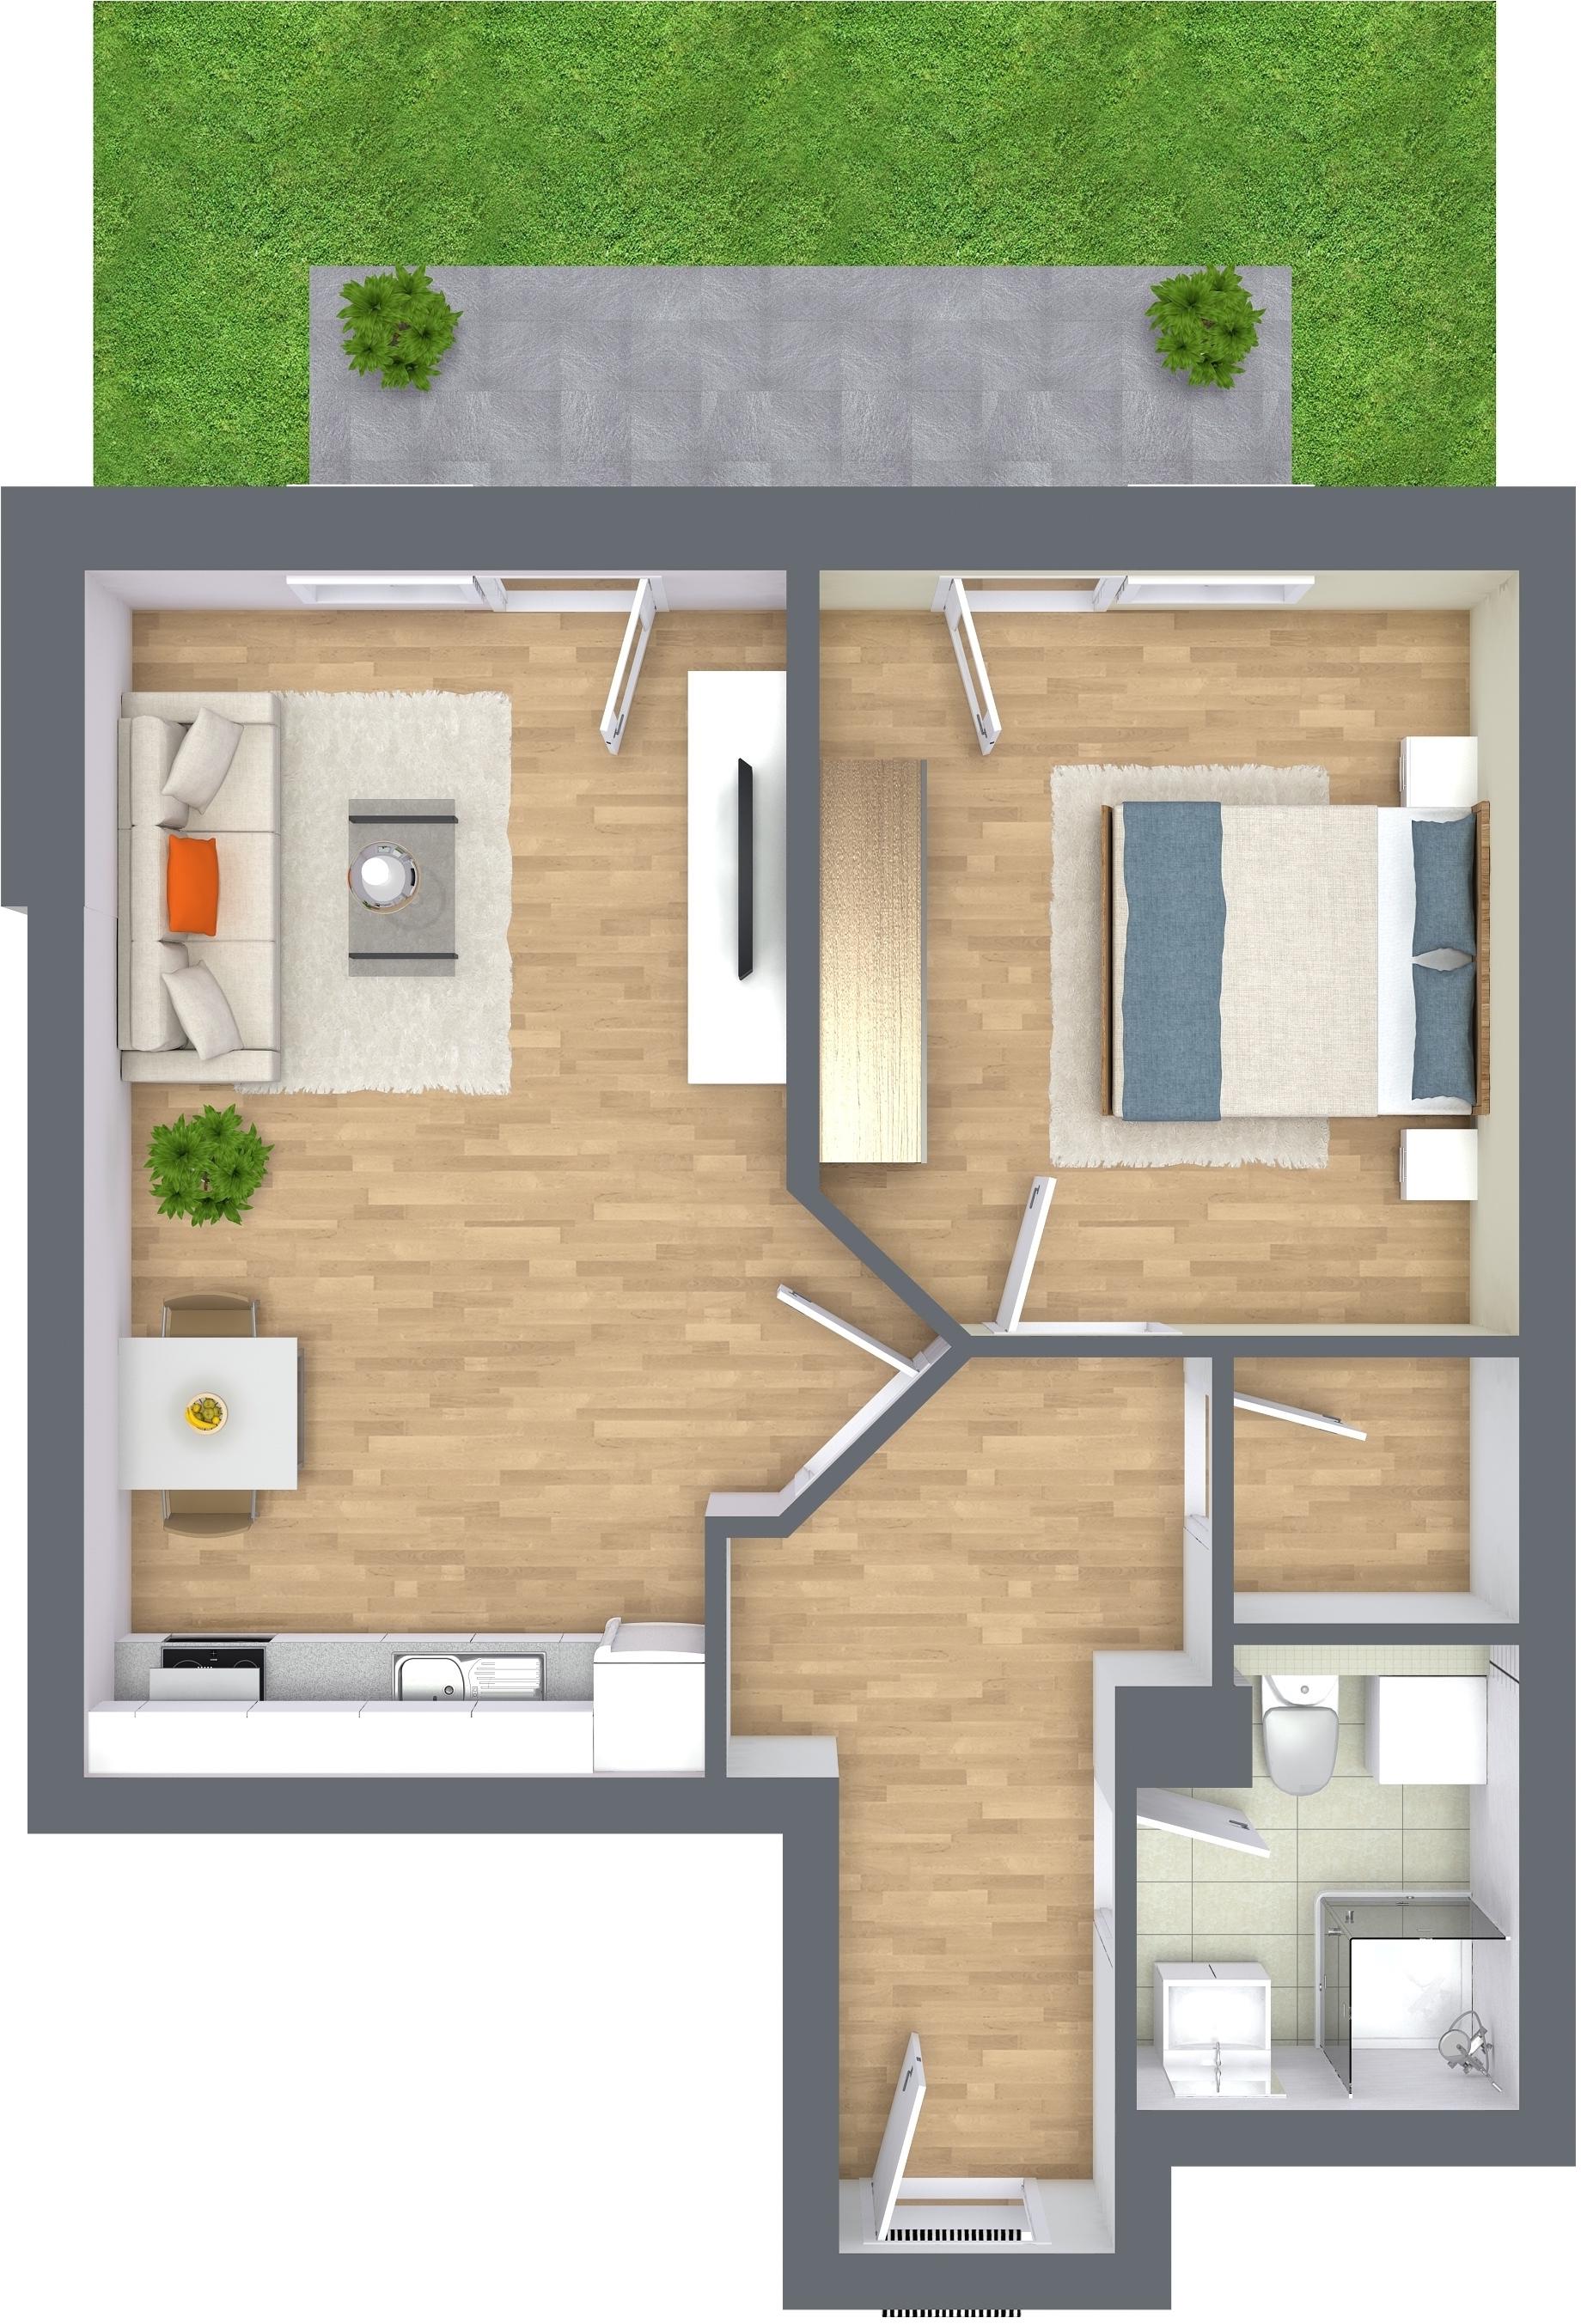 das raumwunder a2 oliver klenz der immobilienprofi. Black Bedroom Furniture Sets. Home Design Ideas